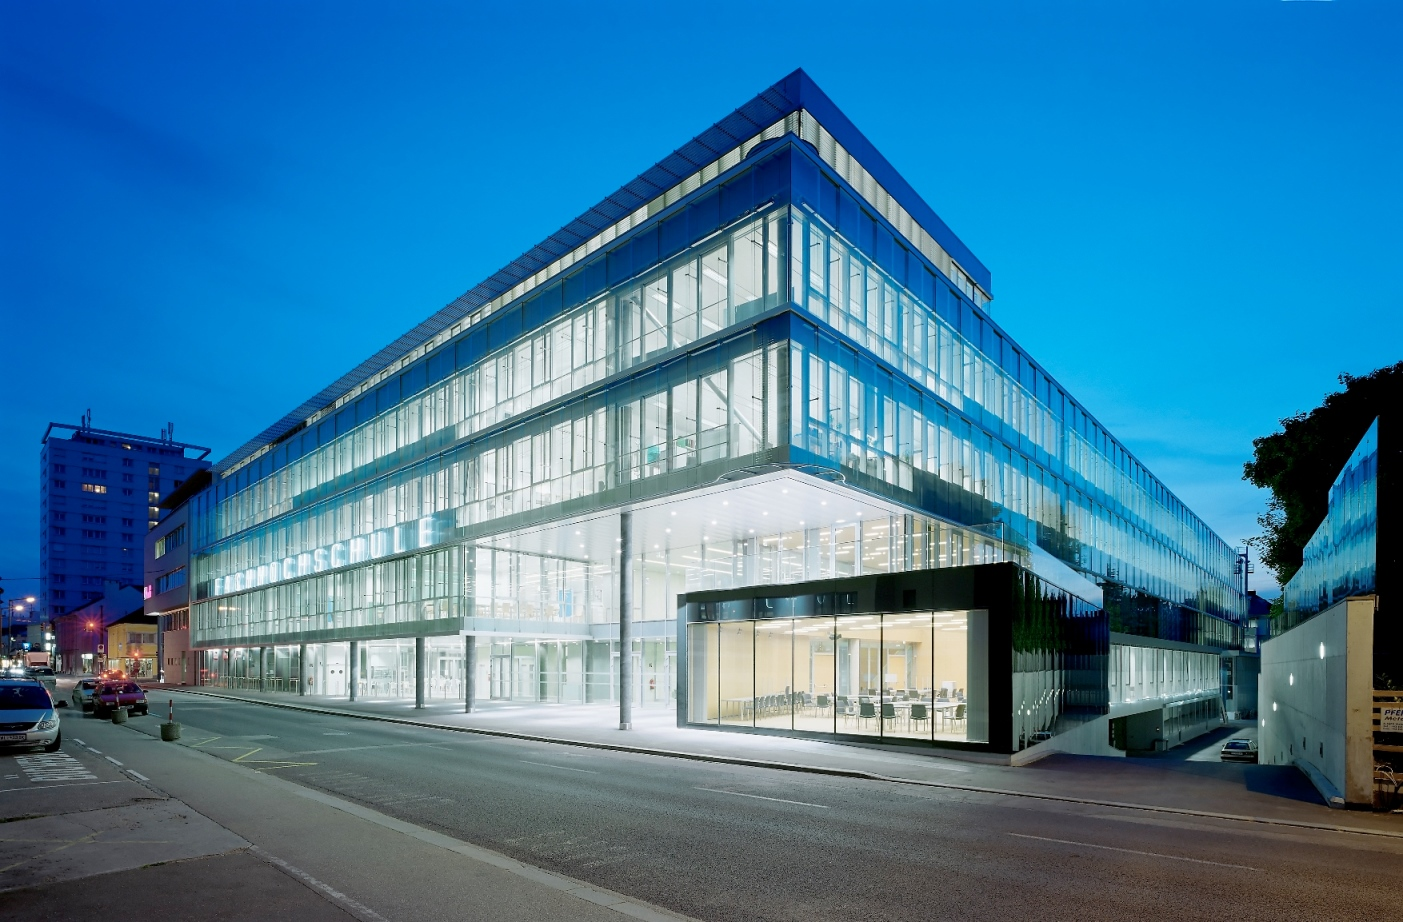 Wt Building Services